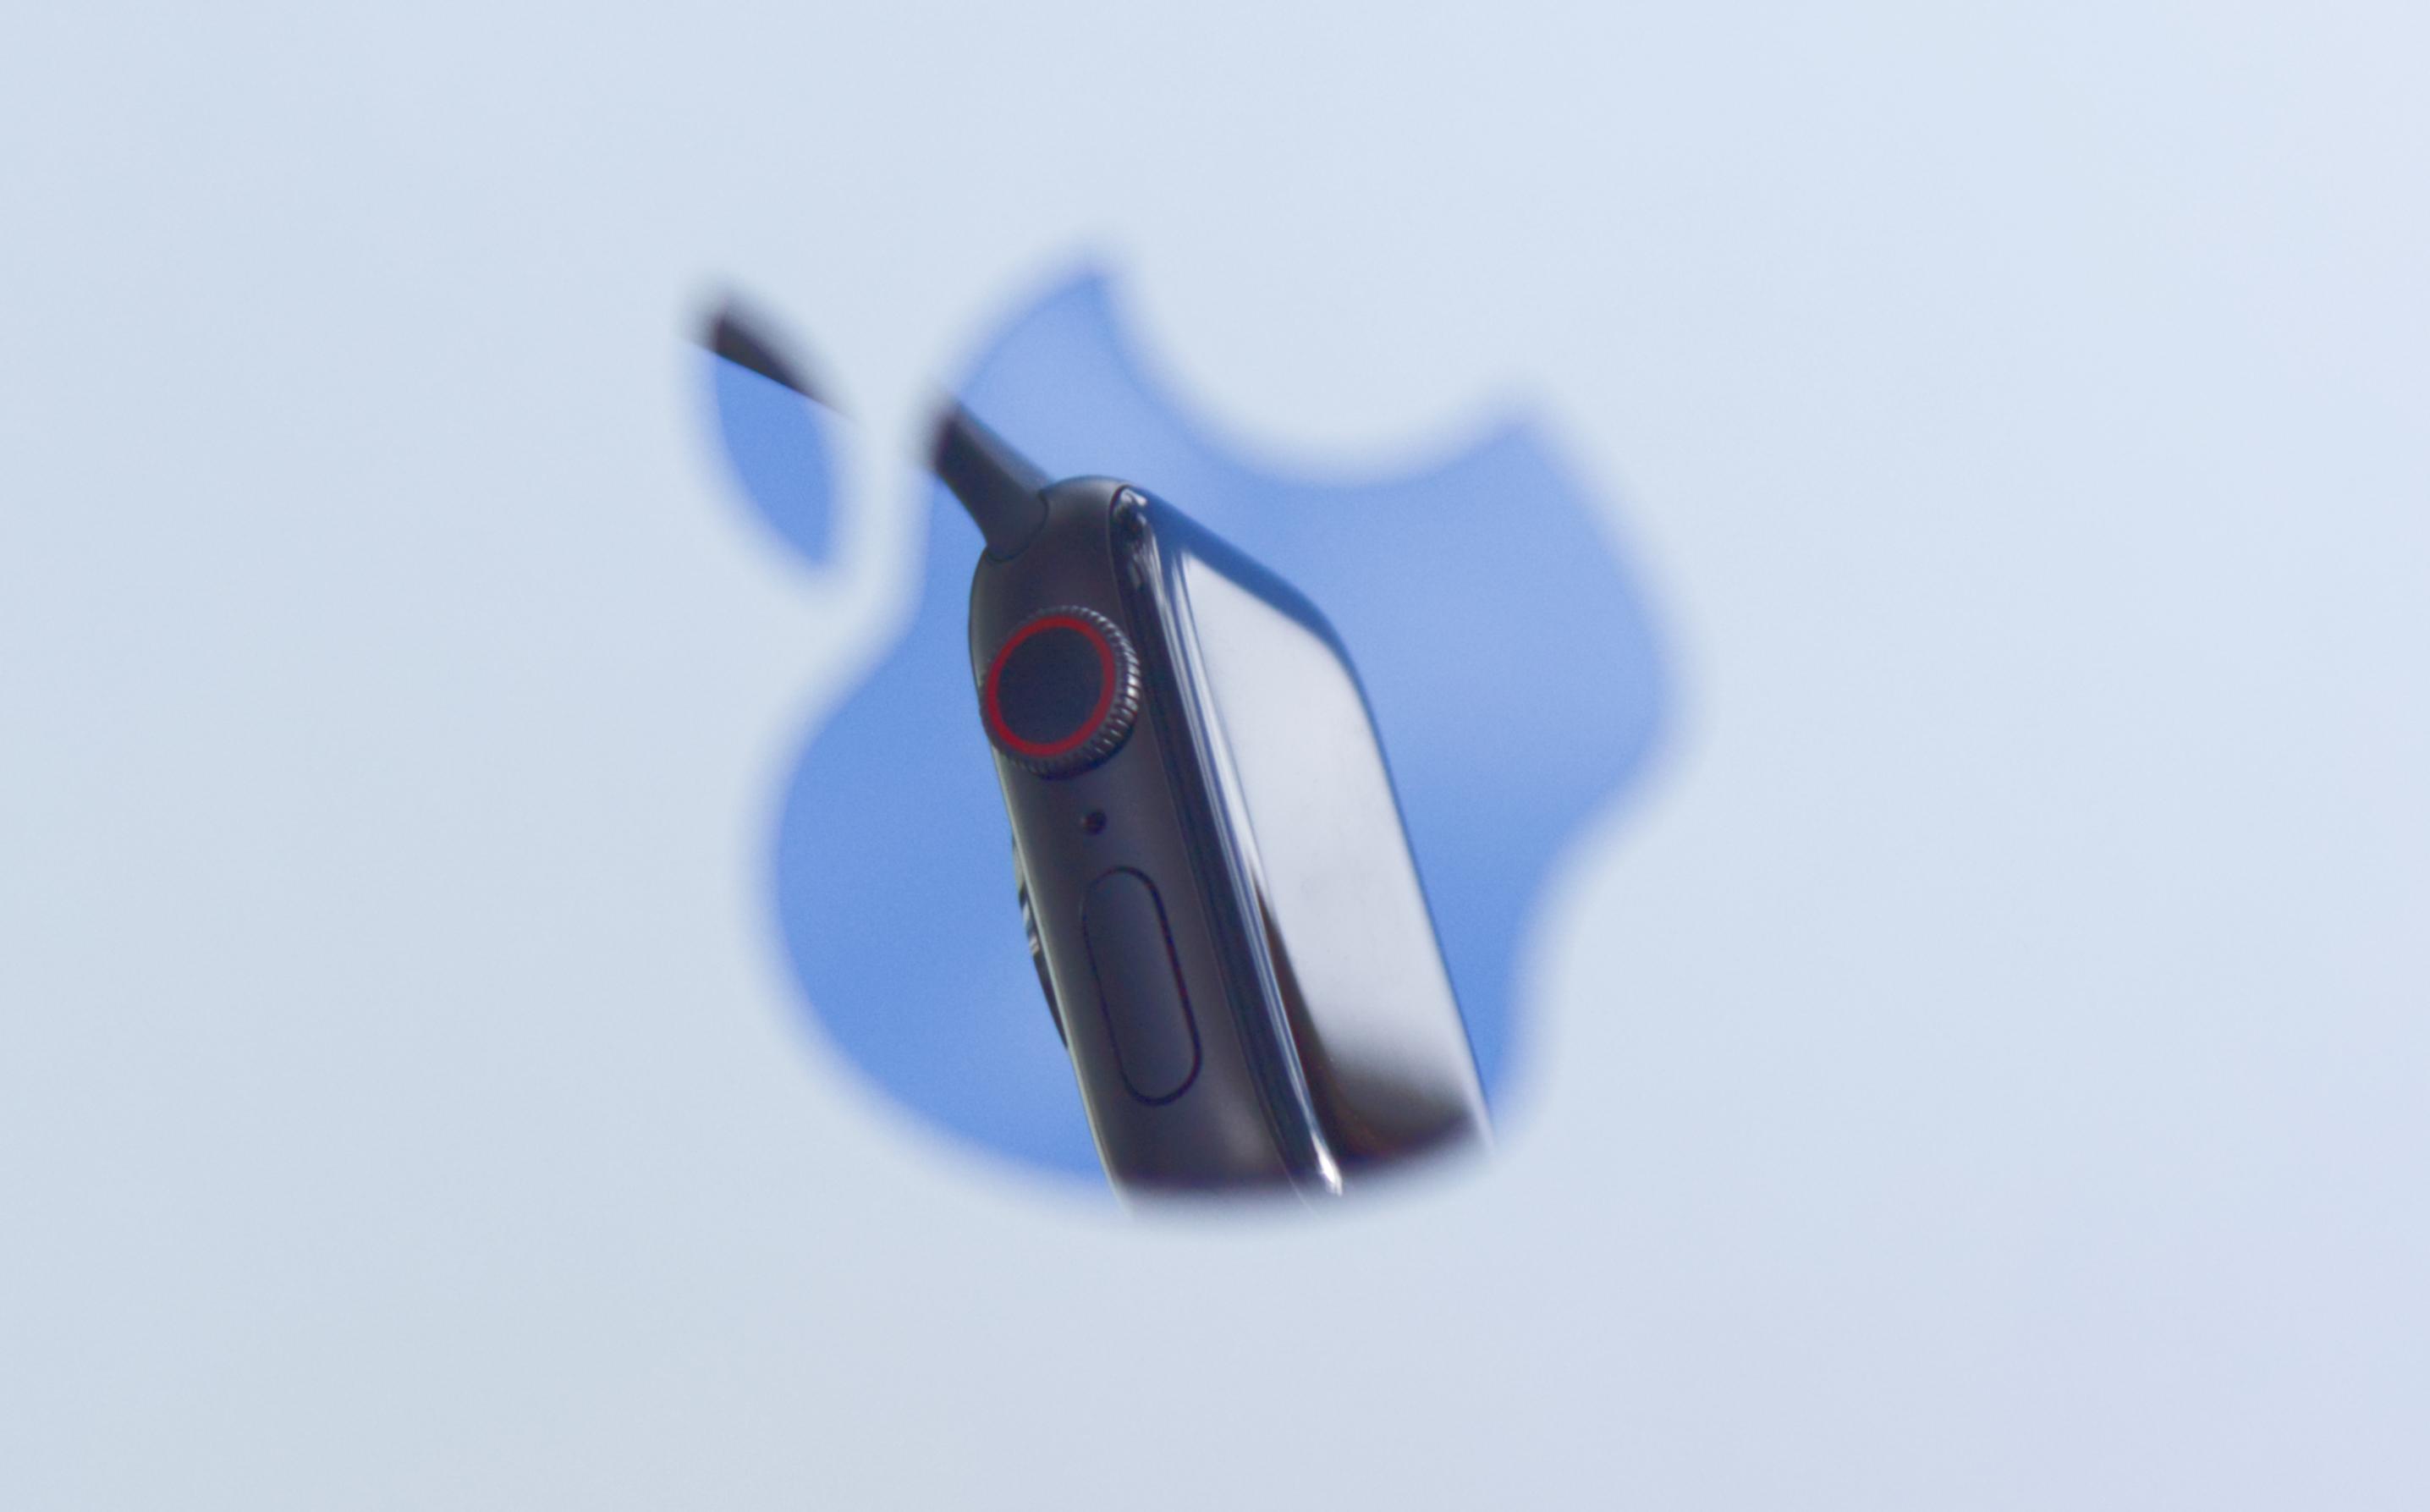 Apple zdominowało rynek smartwatchy. Wzrosty mimo koronawirusa 23